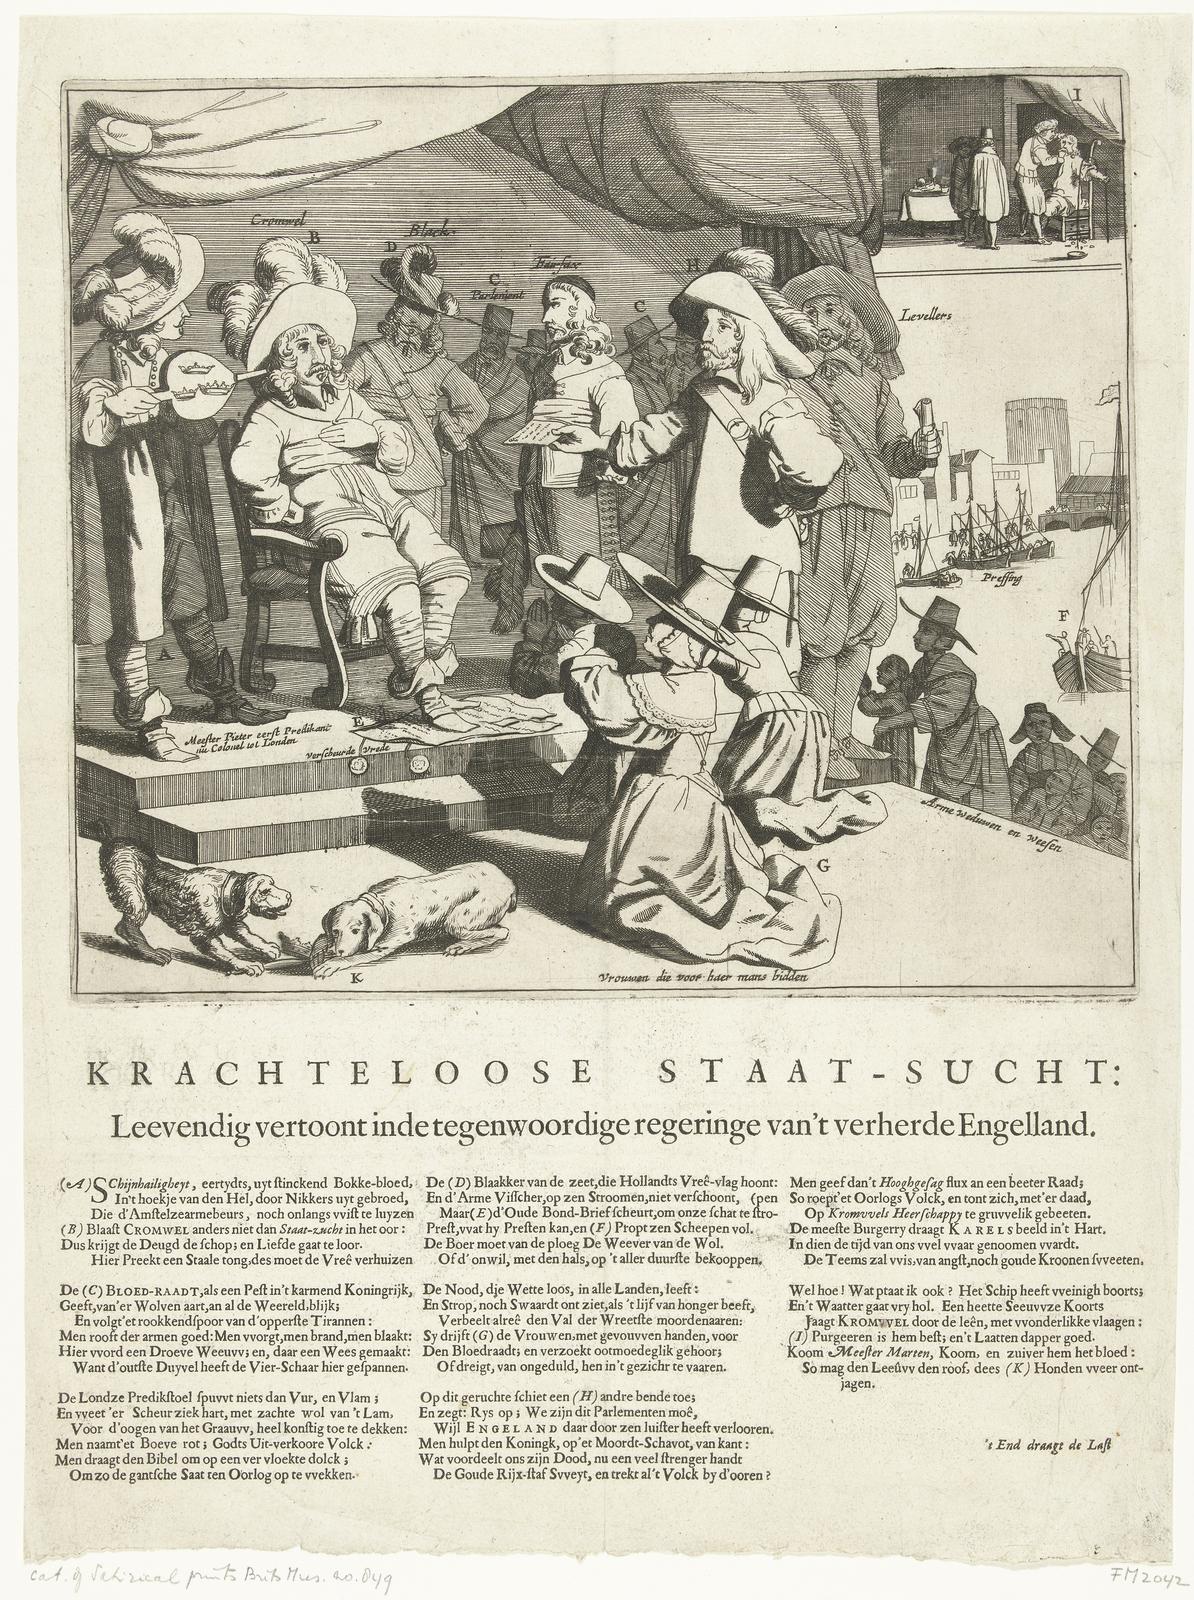 Spotprent op Engeland en Cromwell, 1652